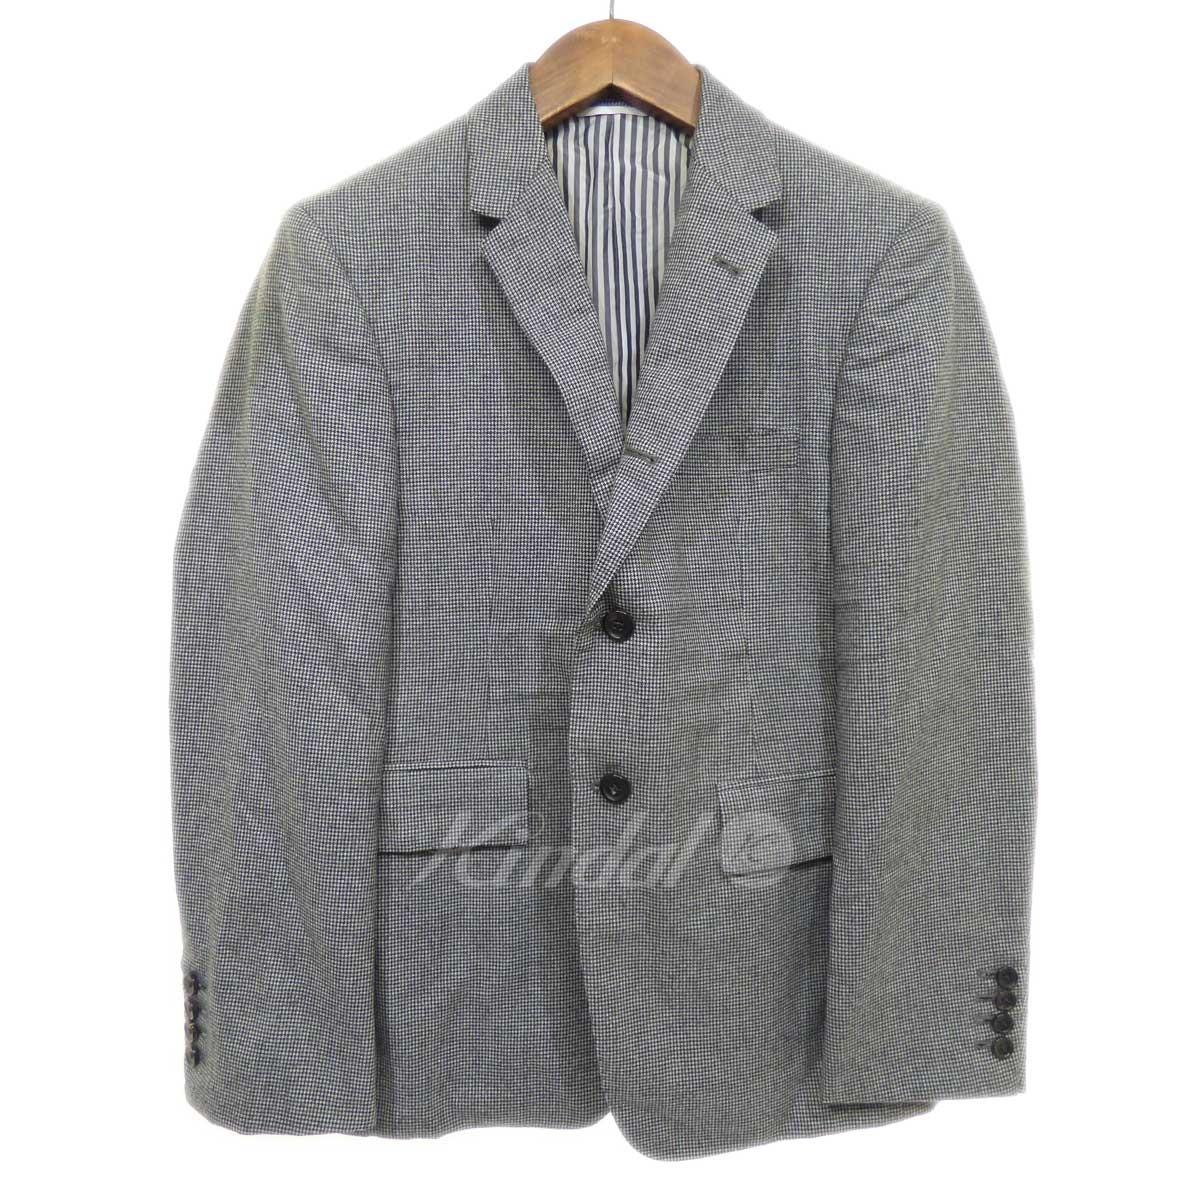 【中古】THOM BROWNE セットアップスーツ ブラック×ホワイト サイズ:1 【送料無料】 【061018】(トム・ブラウン)